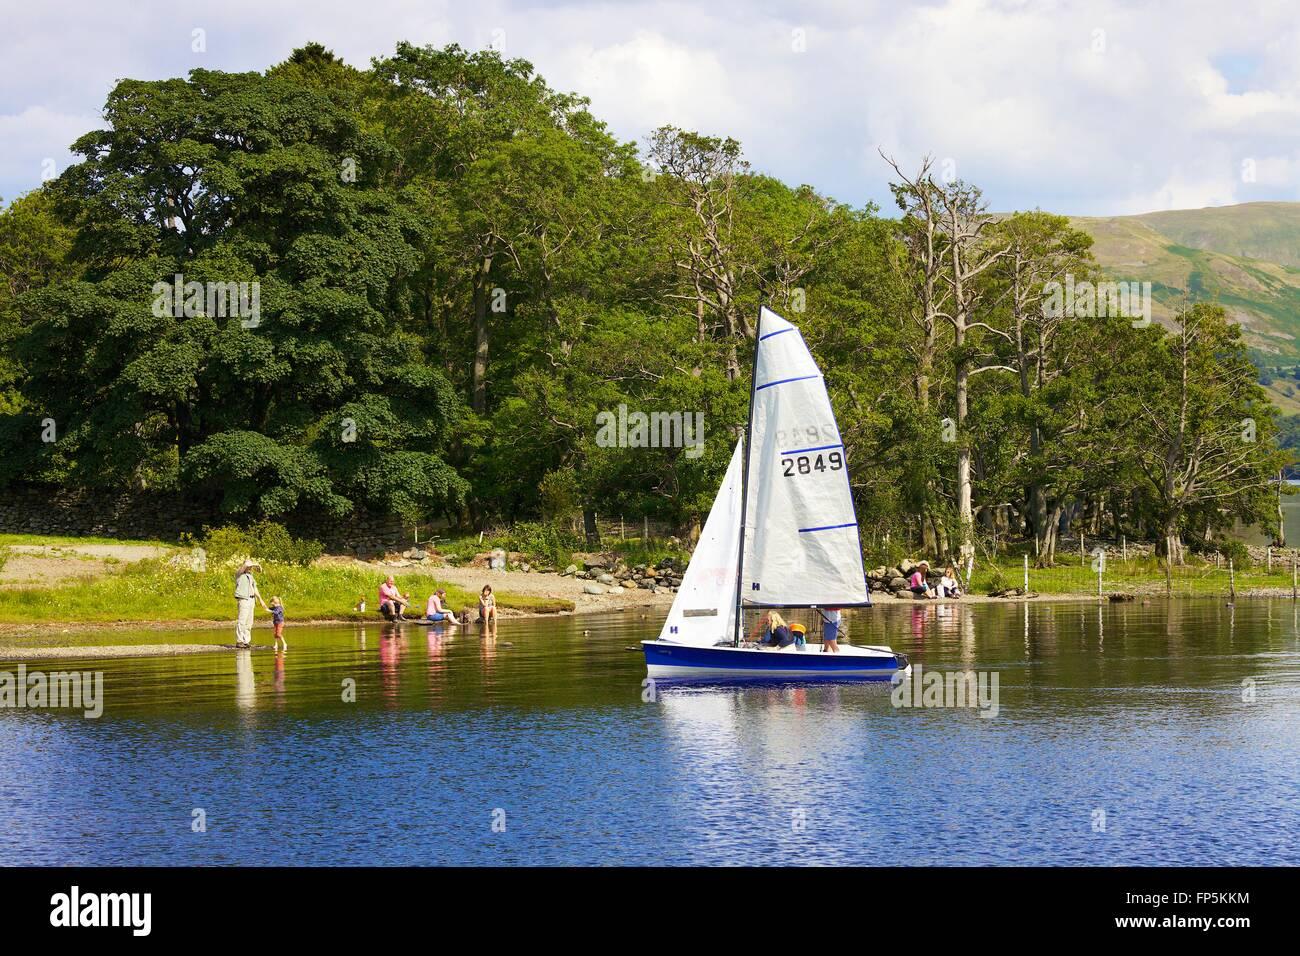 Parc National de Lake District. Voile légère de la famille sur le lac. Aira Force Bay, Ullswater, lacs, Photo Stock